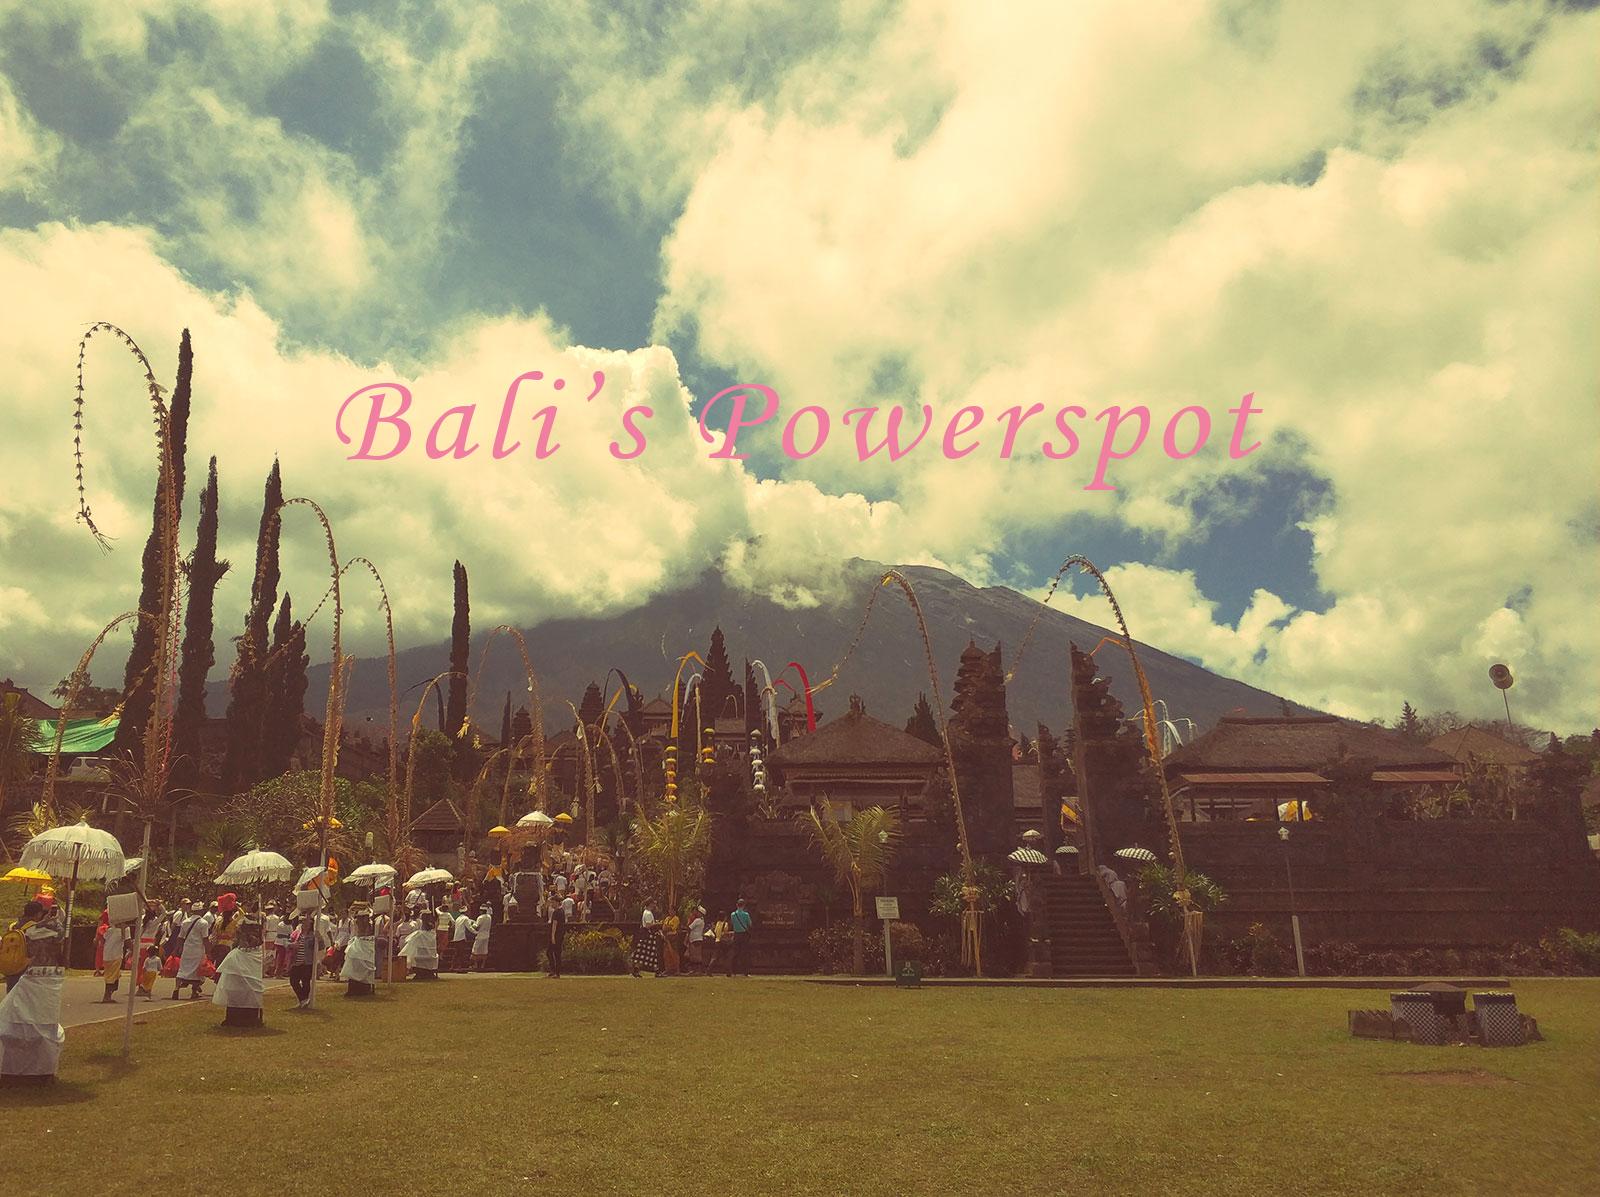 バリ島がパワースポットと言われている由縁